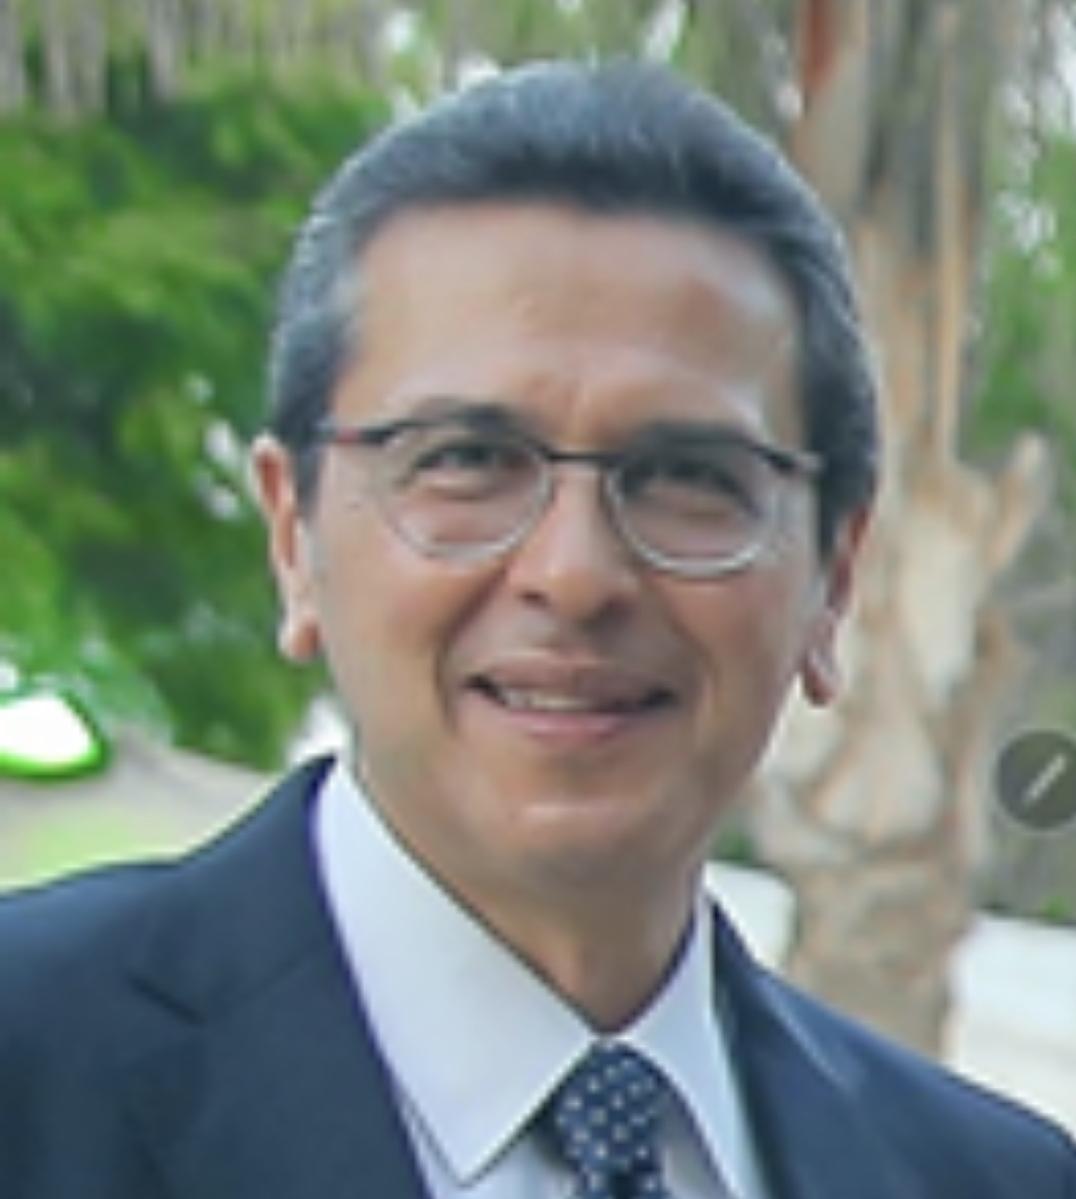 الاستشاري ياسر صبري.. يكتب نقص الرقائق الالكترونية